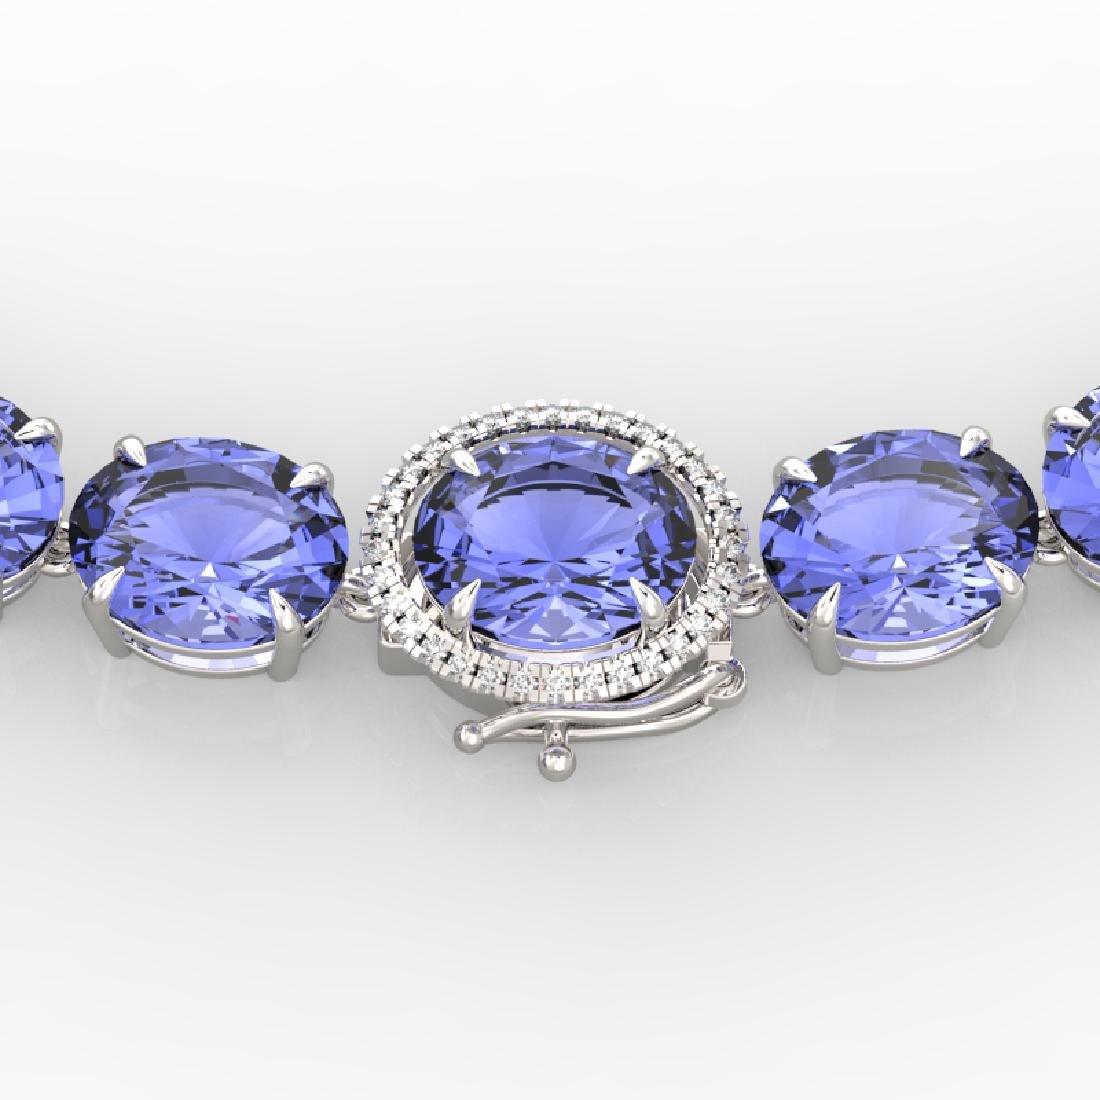 170 CTW Tanzanite & VS/SI Diamond Necklace 14K White